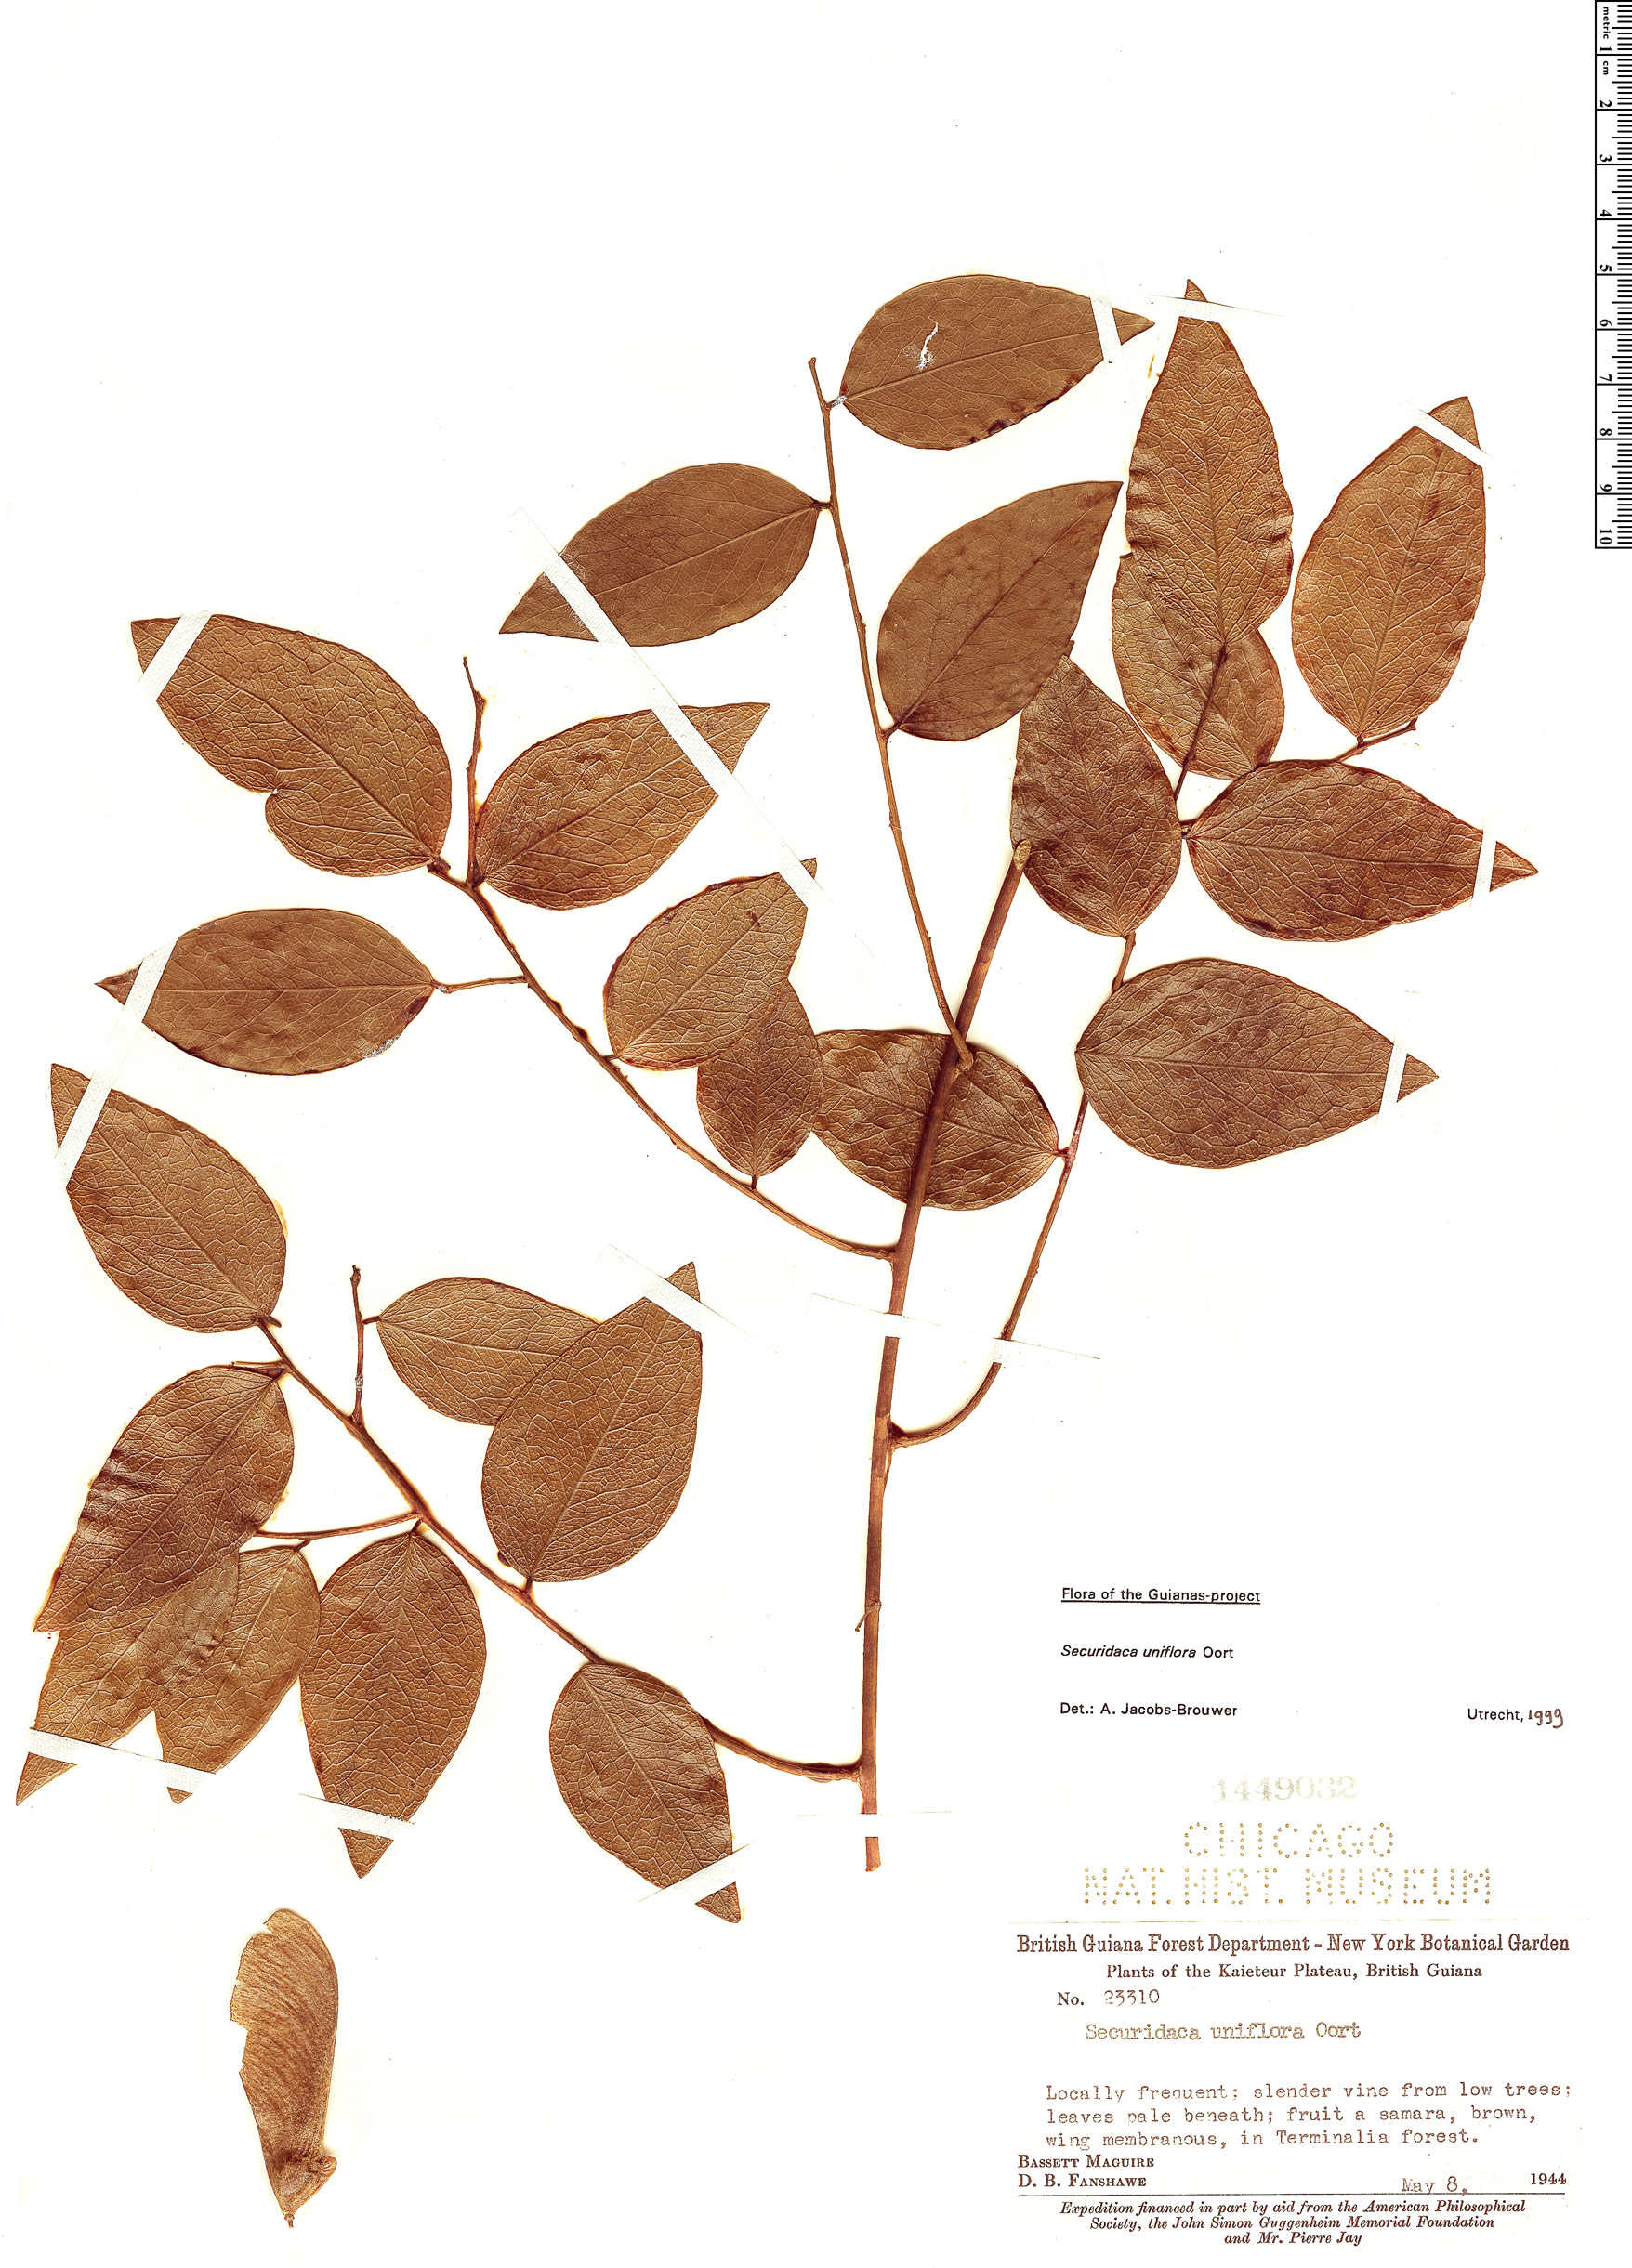 Specimen: Securidaca uniflora